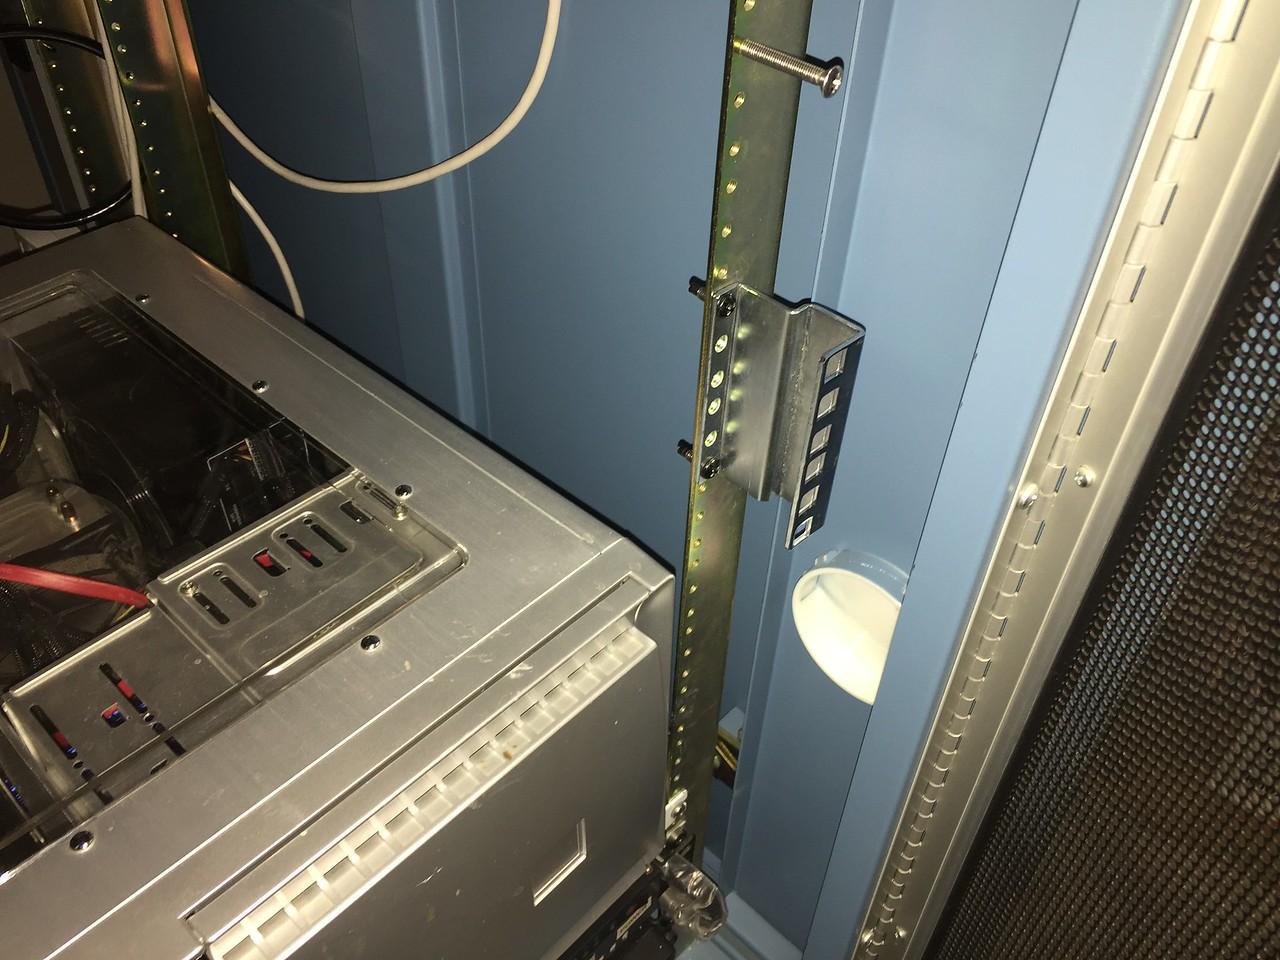 Installing rack extenders